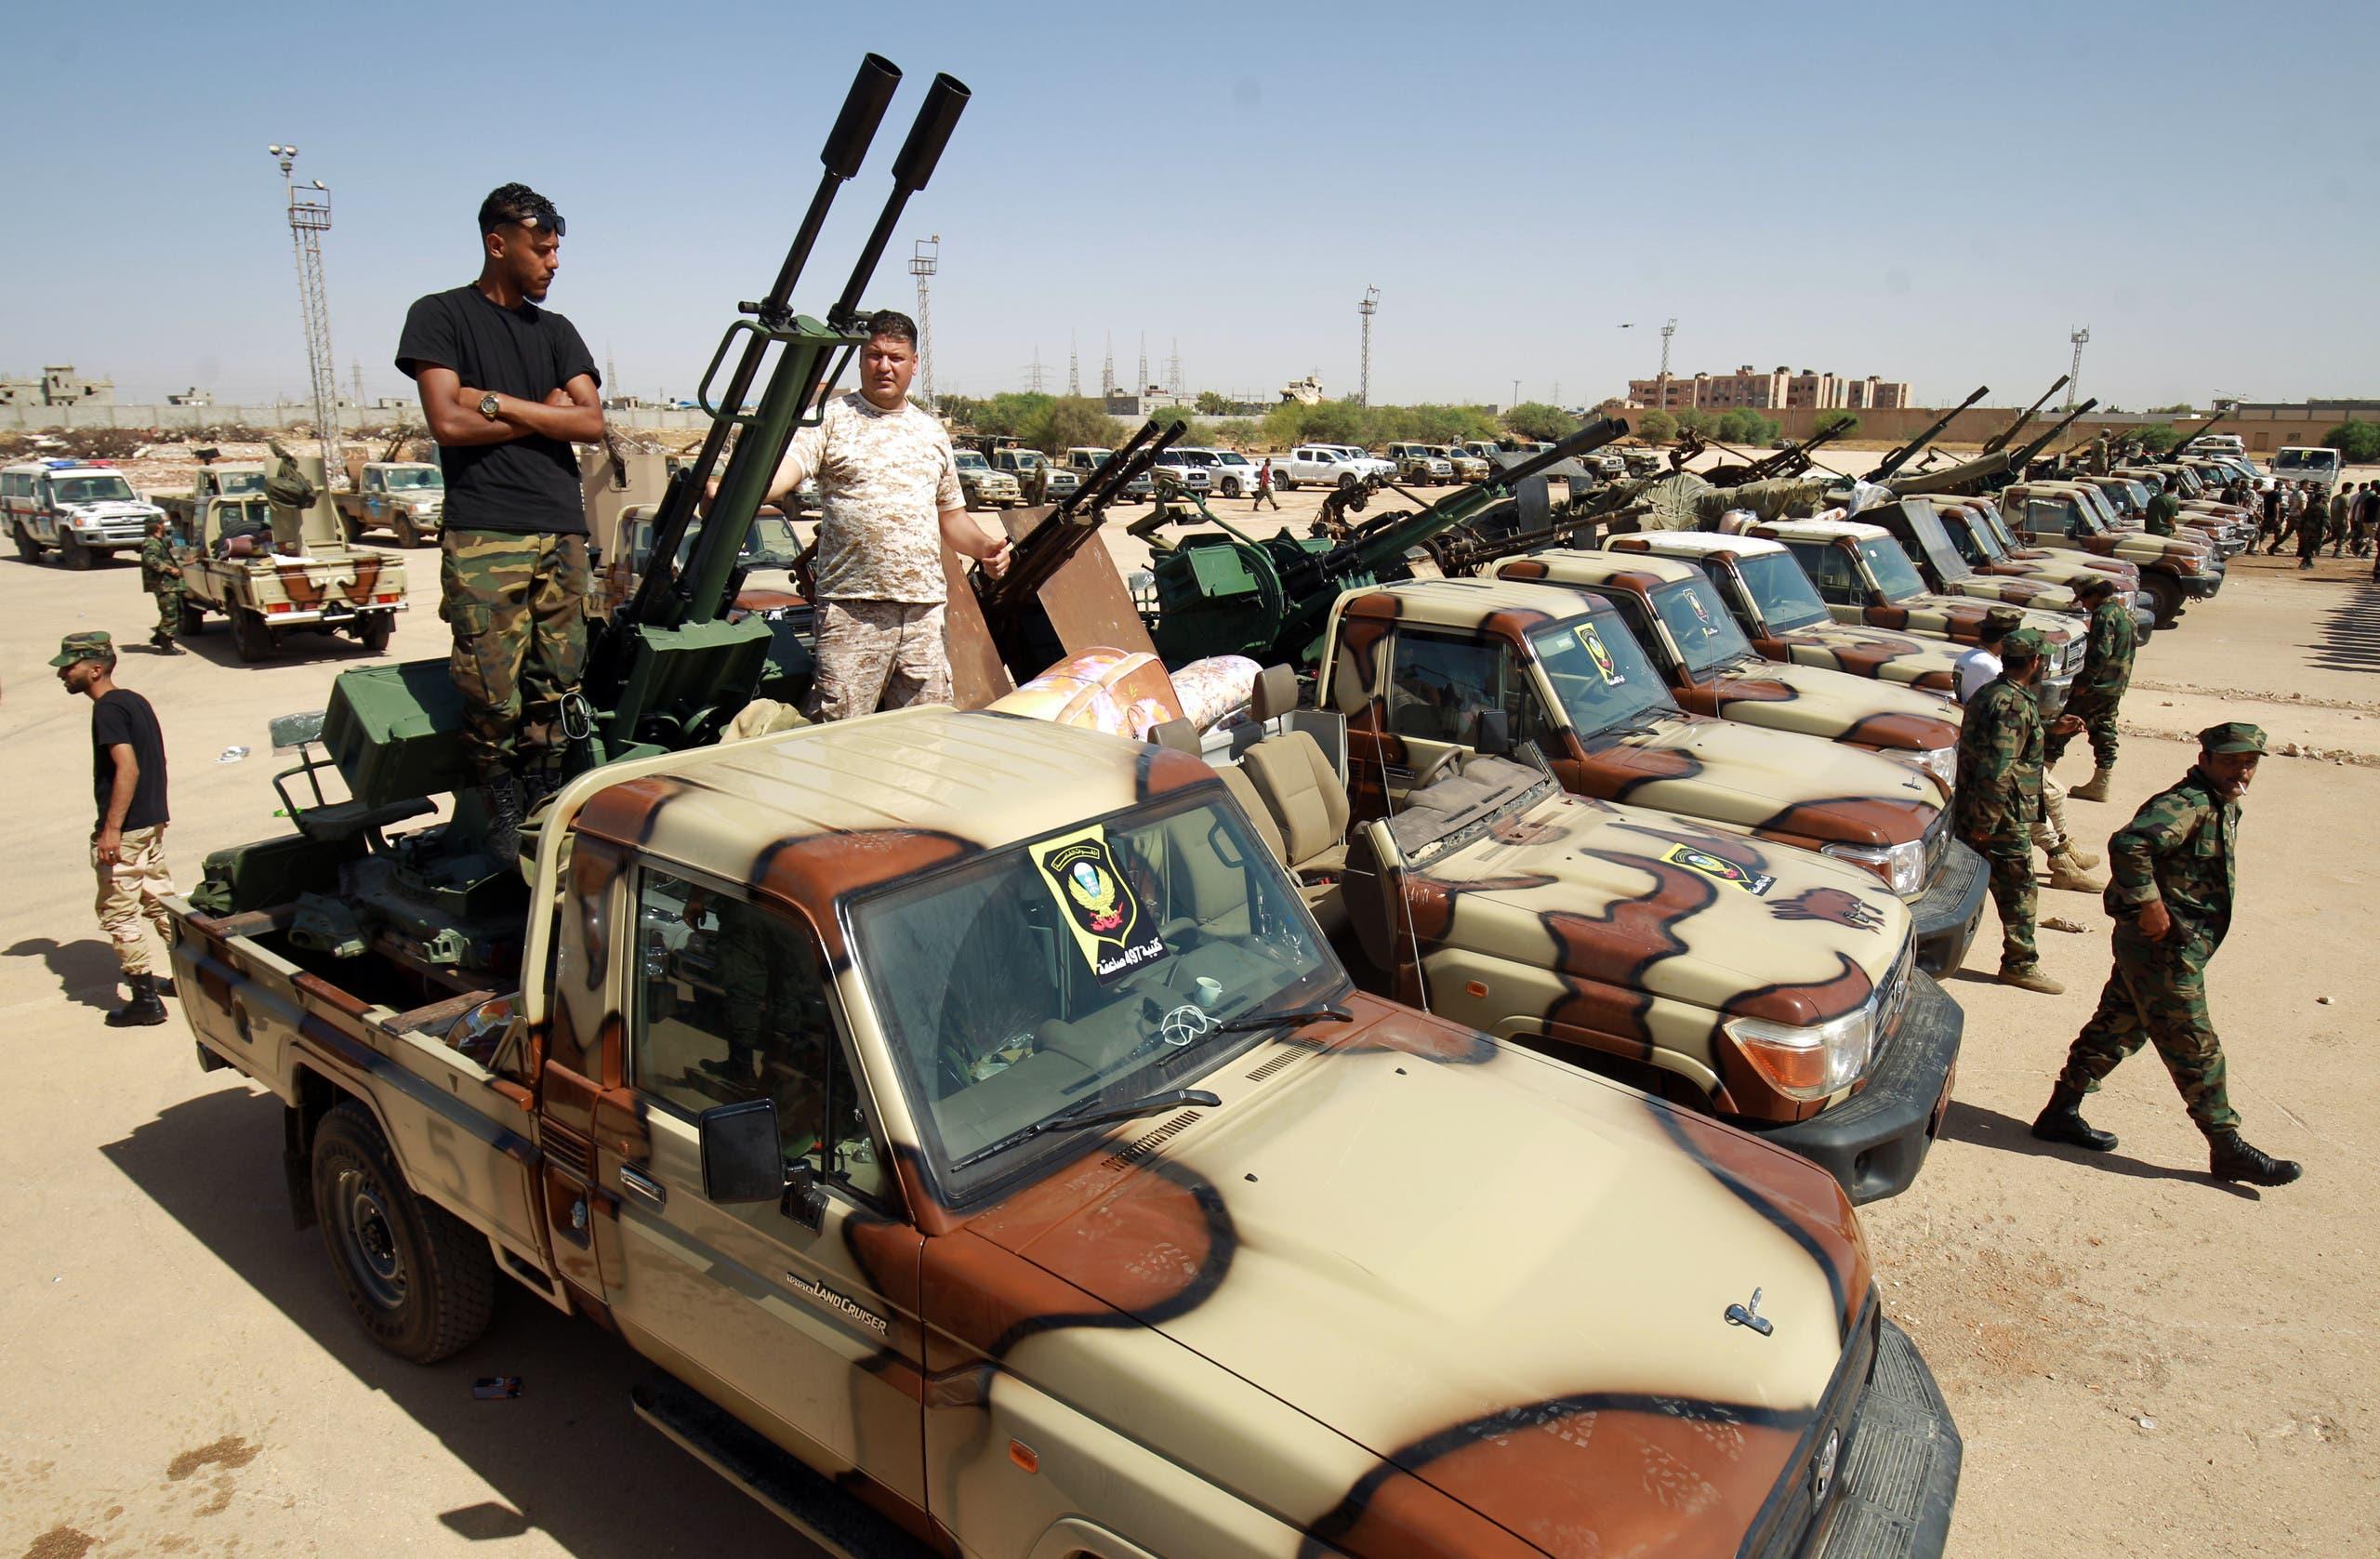 جنود من الجيش الوطني الليبي يستعدون للانطلاق من بنغازي إلى سرت للدفاع عنها